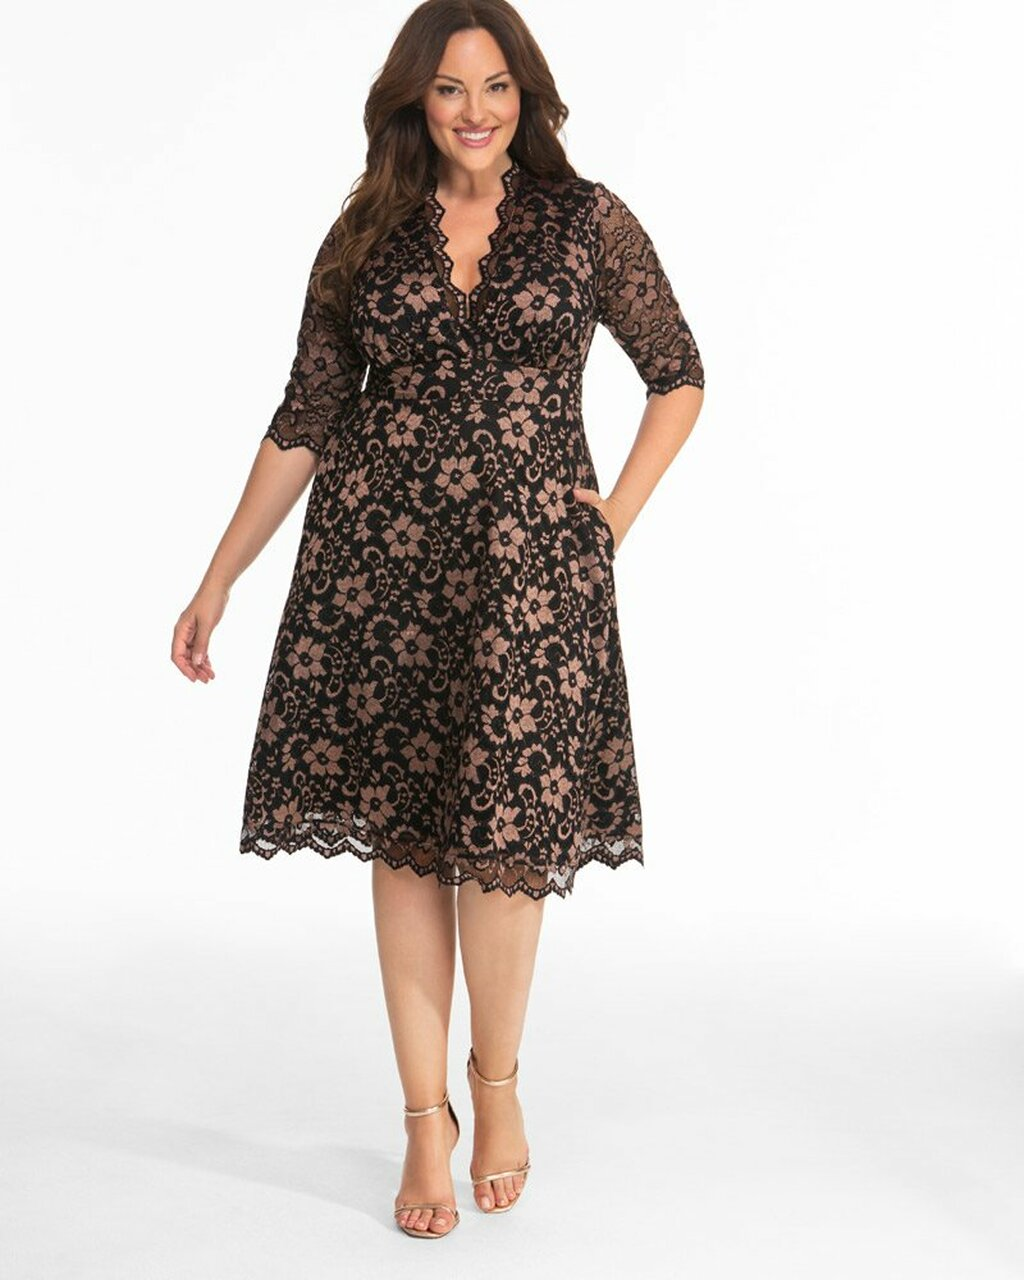 Kiyonna Women\'s Plus Size Mon Cherie Lace Dress~Black/Gold*1180906